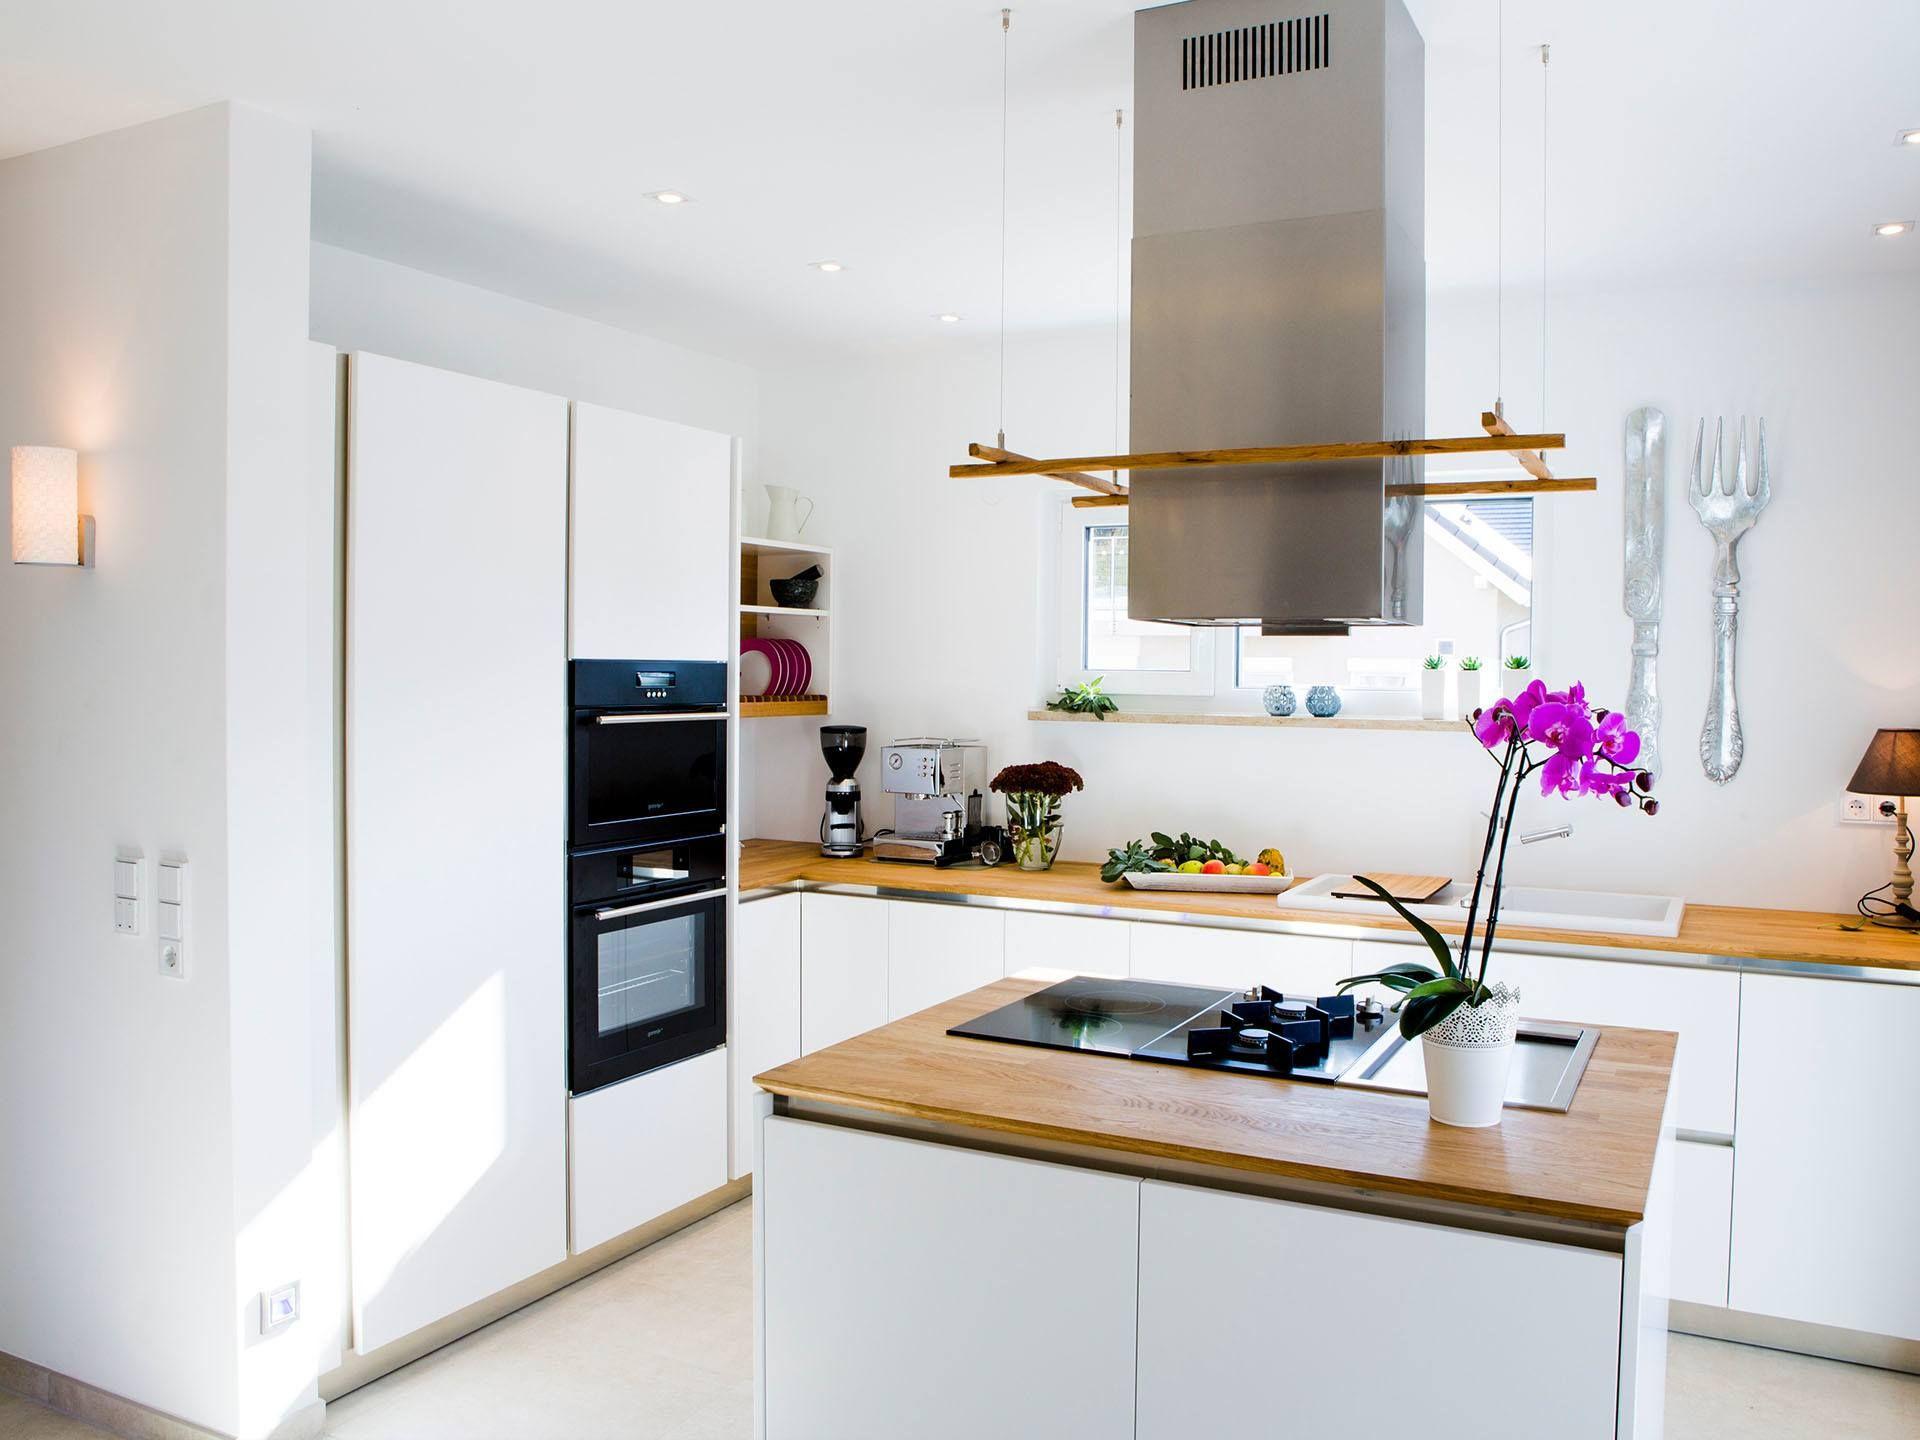 Gemütlich Standard Küchen Stabzählwerk Höhe Bilder - Küchenschrank ...